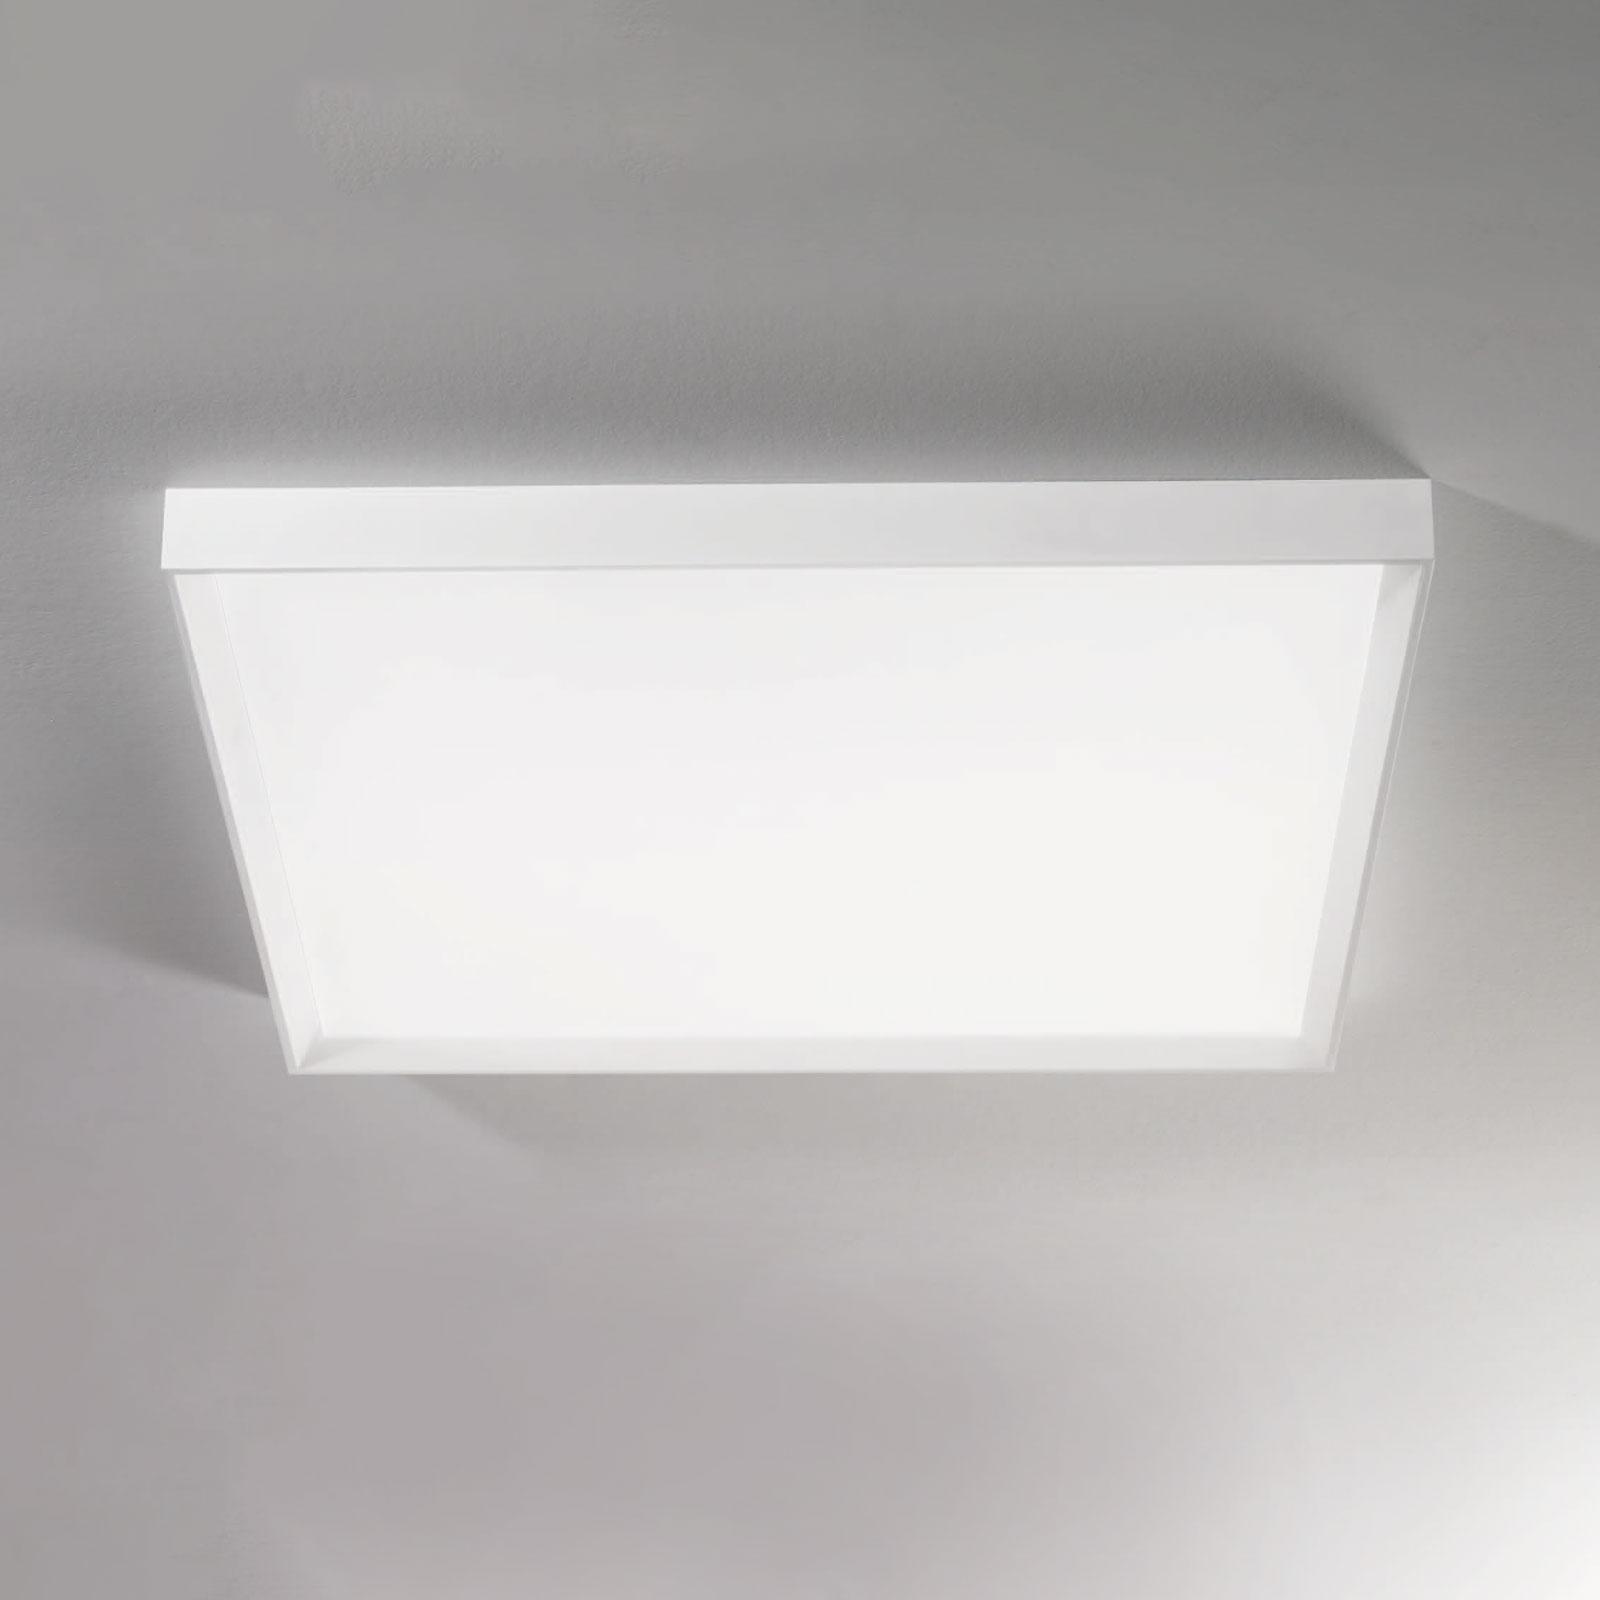 LED-Deckenleuchte Tara maxi, 74 cm x 74 cm